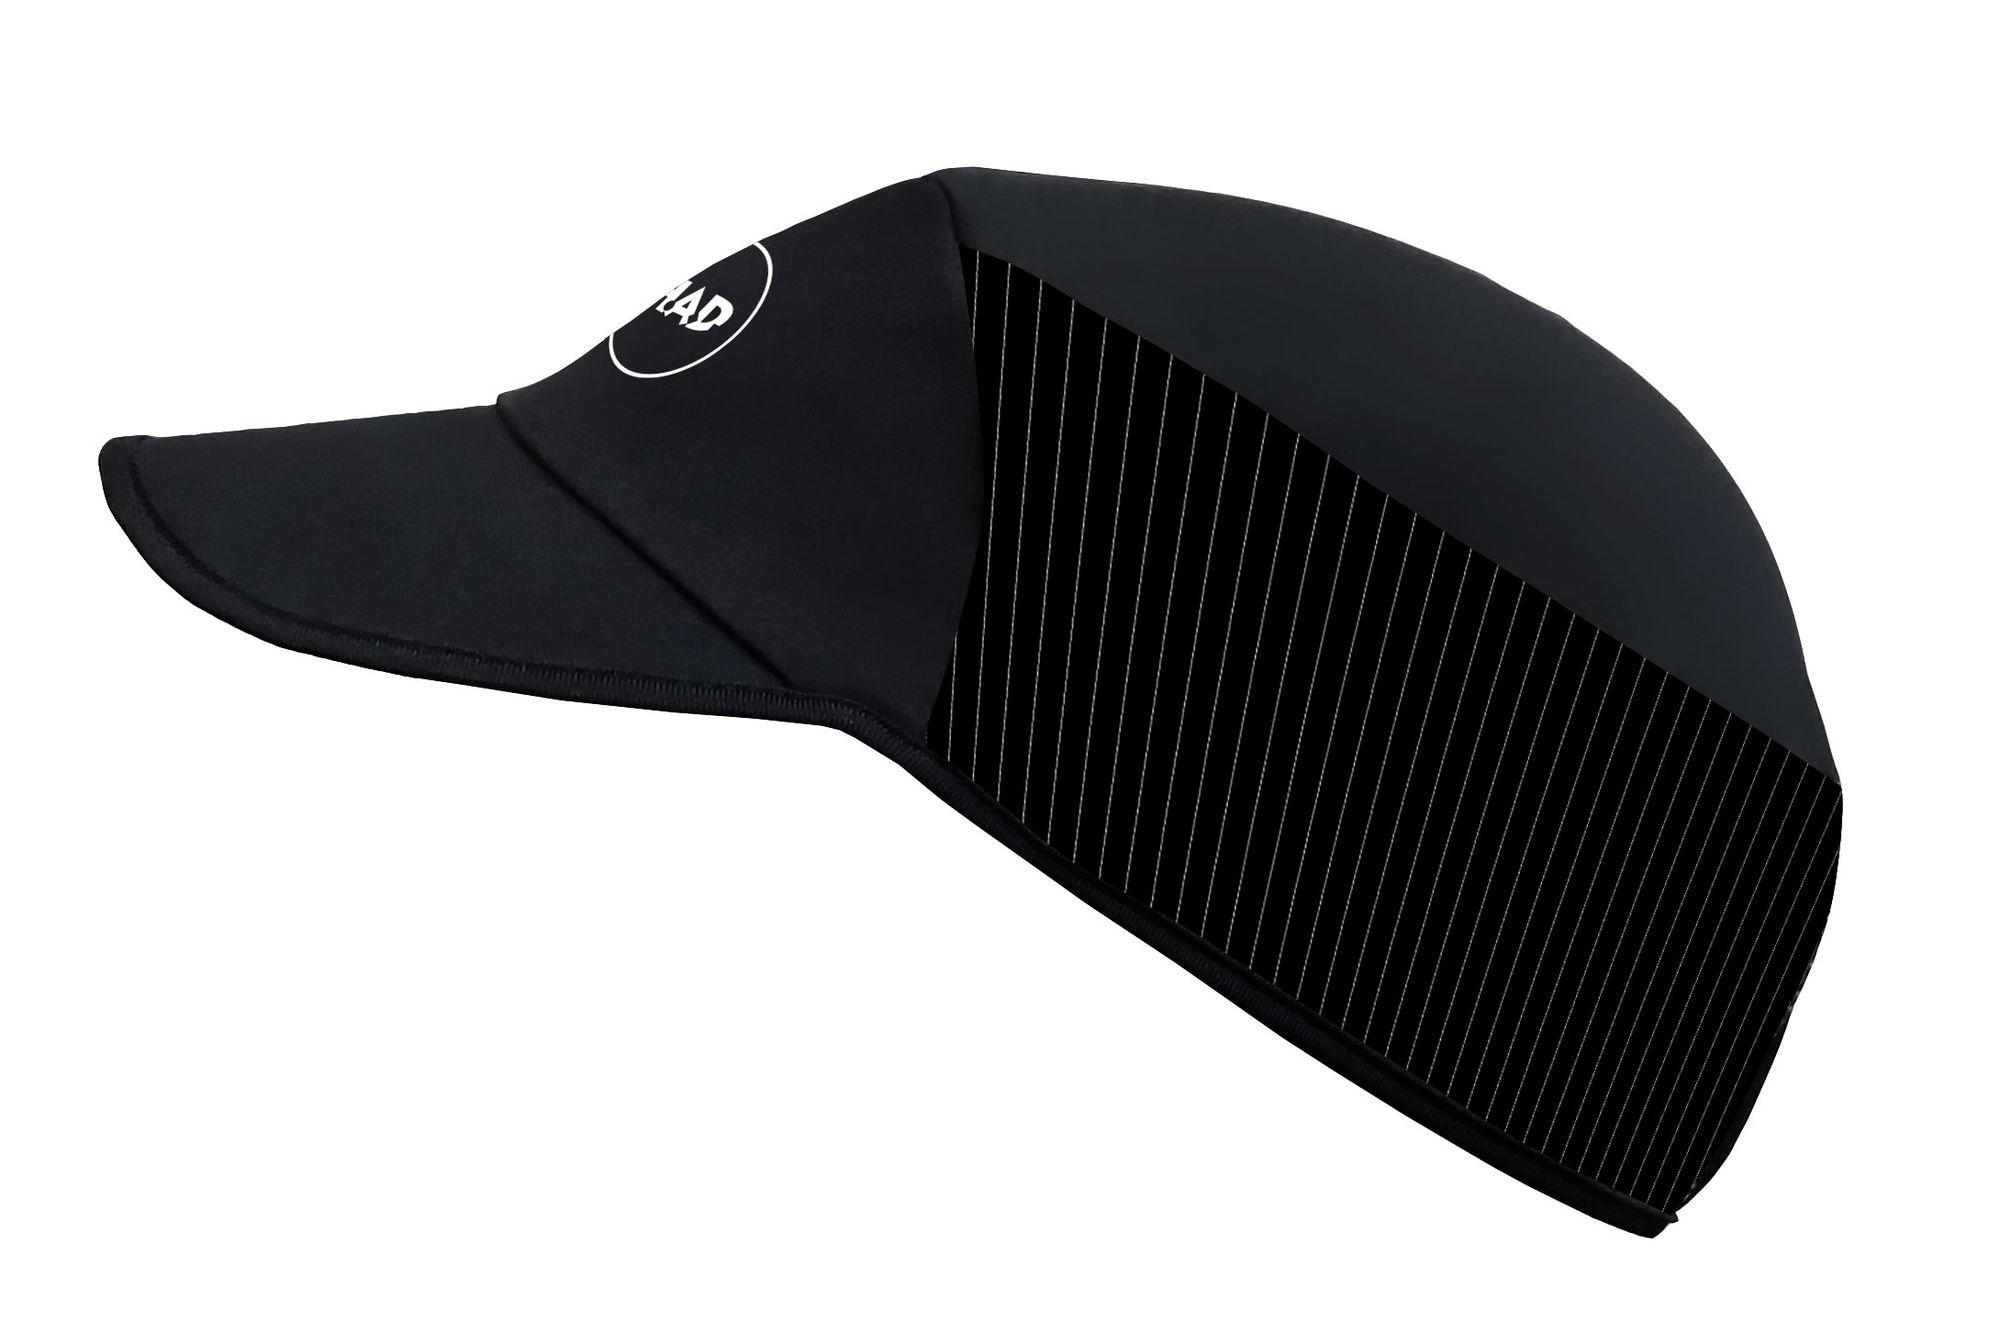 H.A.D. Ultralight Cap (Schwarz Graphite)